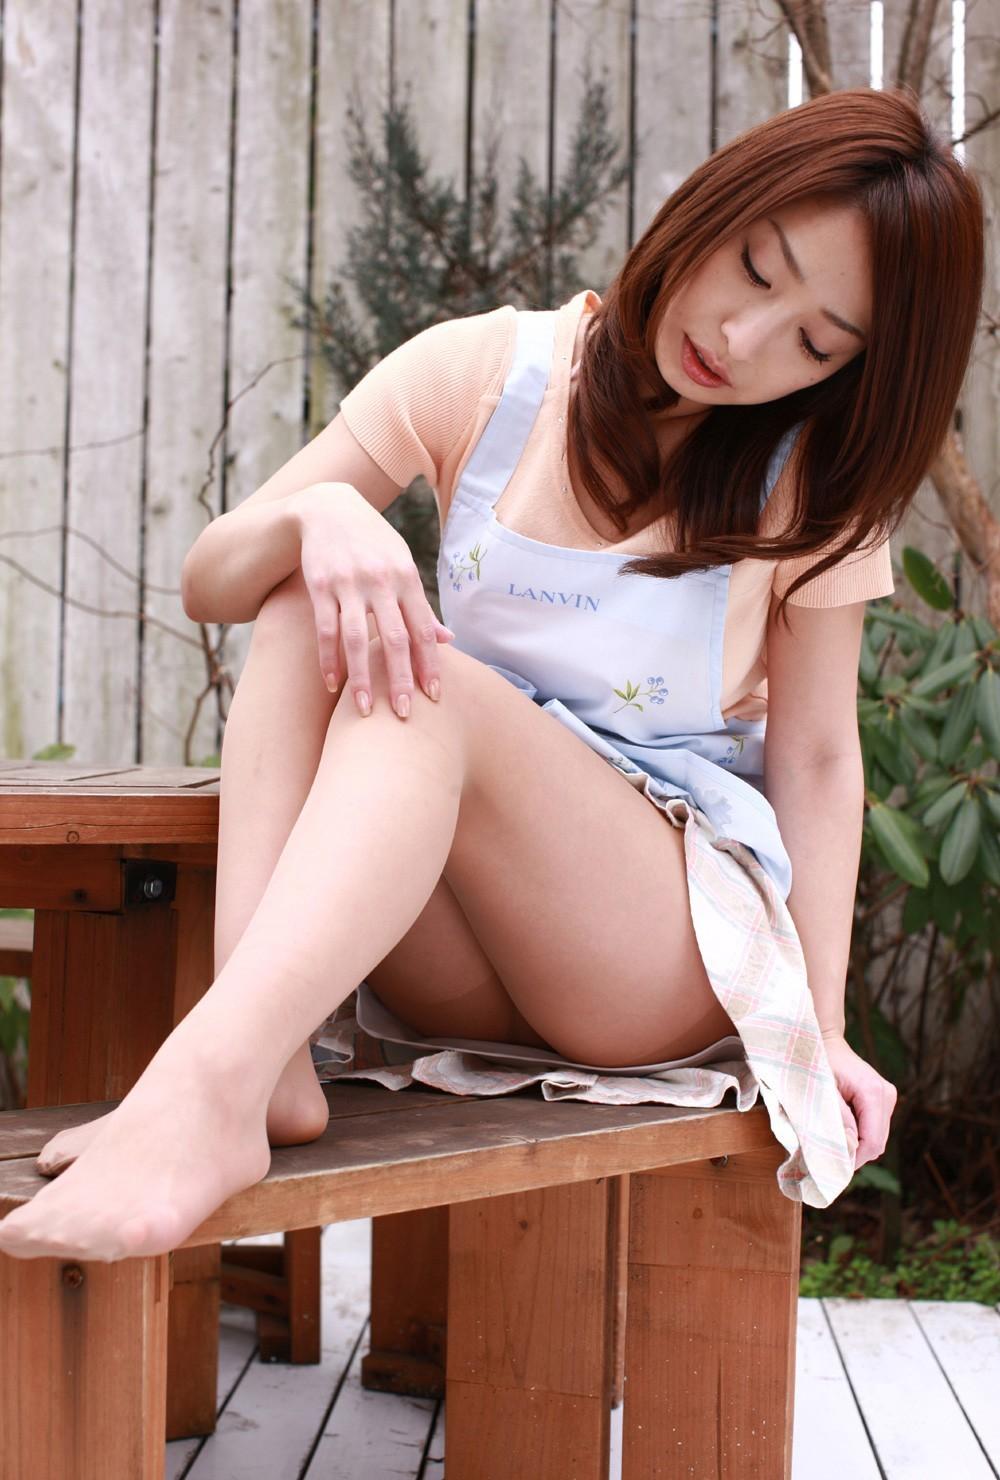 【チラリズムエロ画像】もっと脚を横に…絶妙に見えない体育座り美脚とお尻www 23